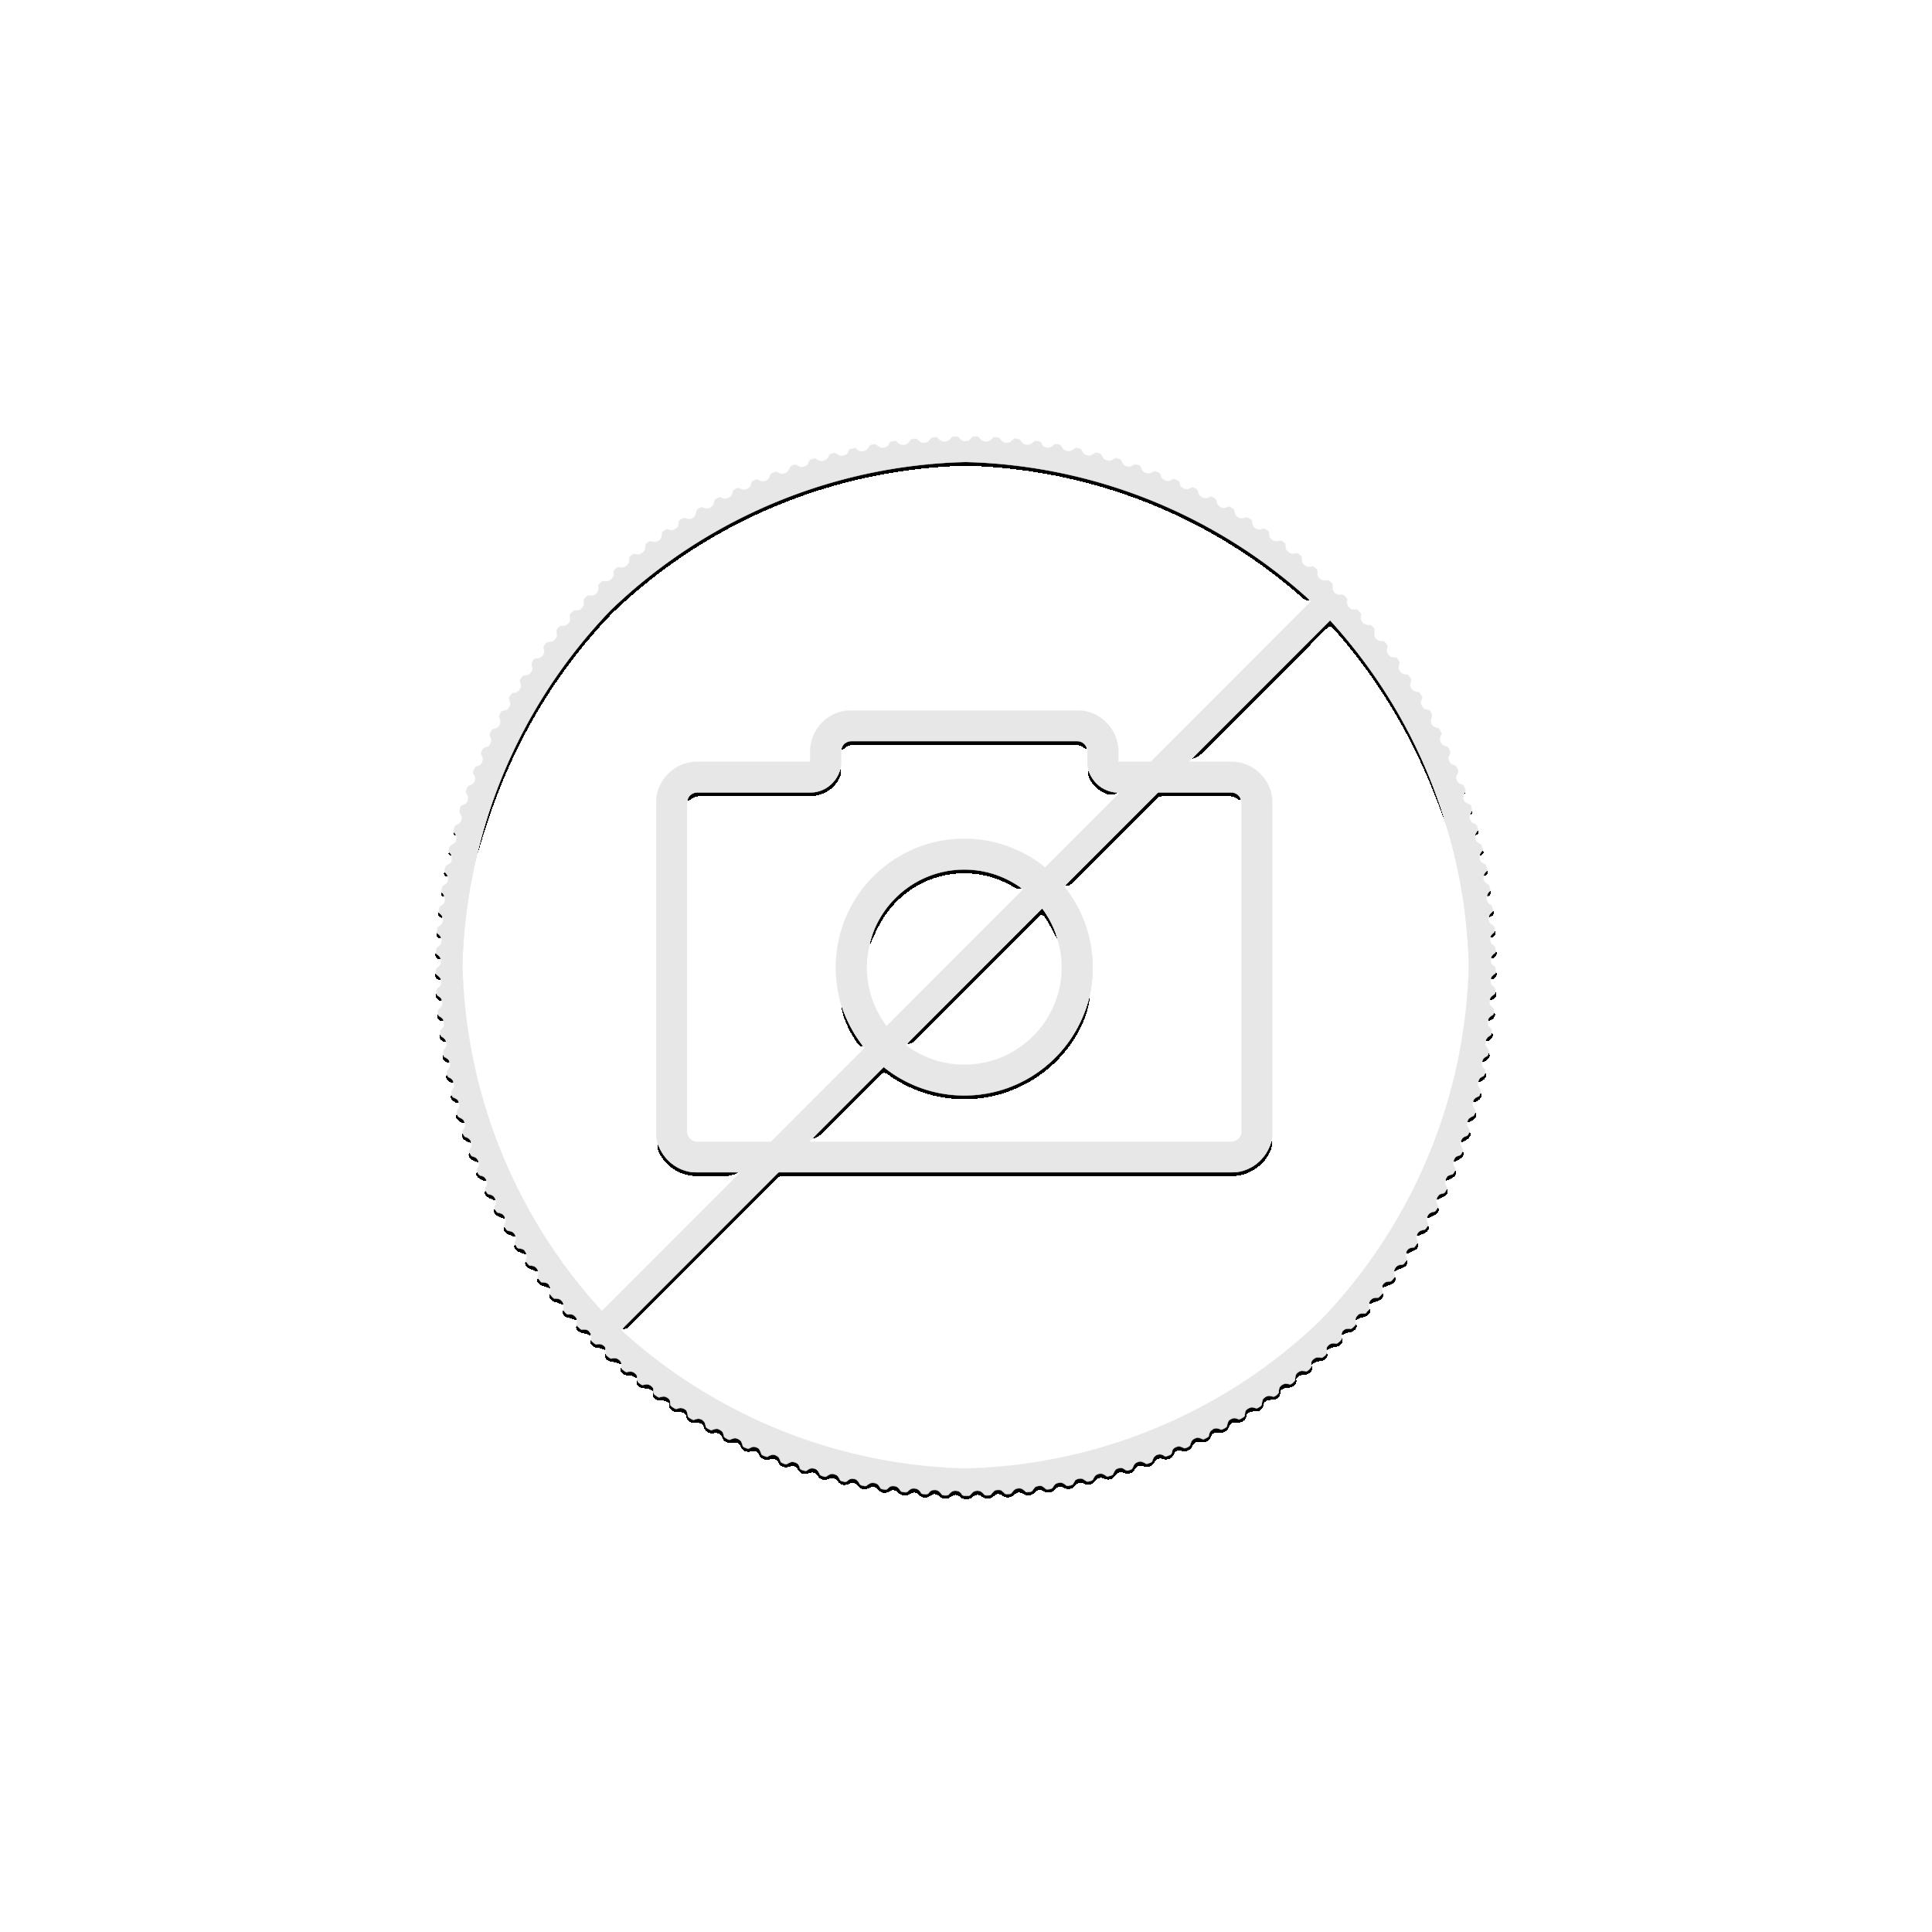 Box of 10x Leuchtturm protective quadrum coin capsules 33 mm